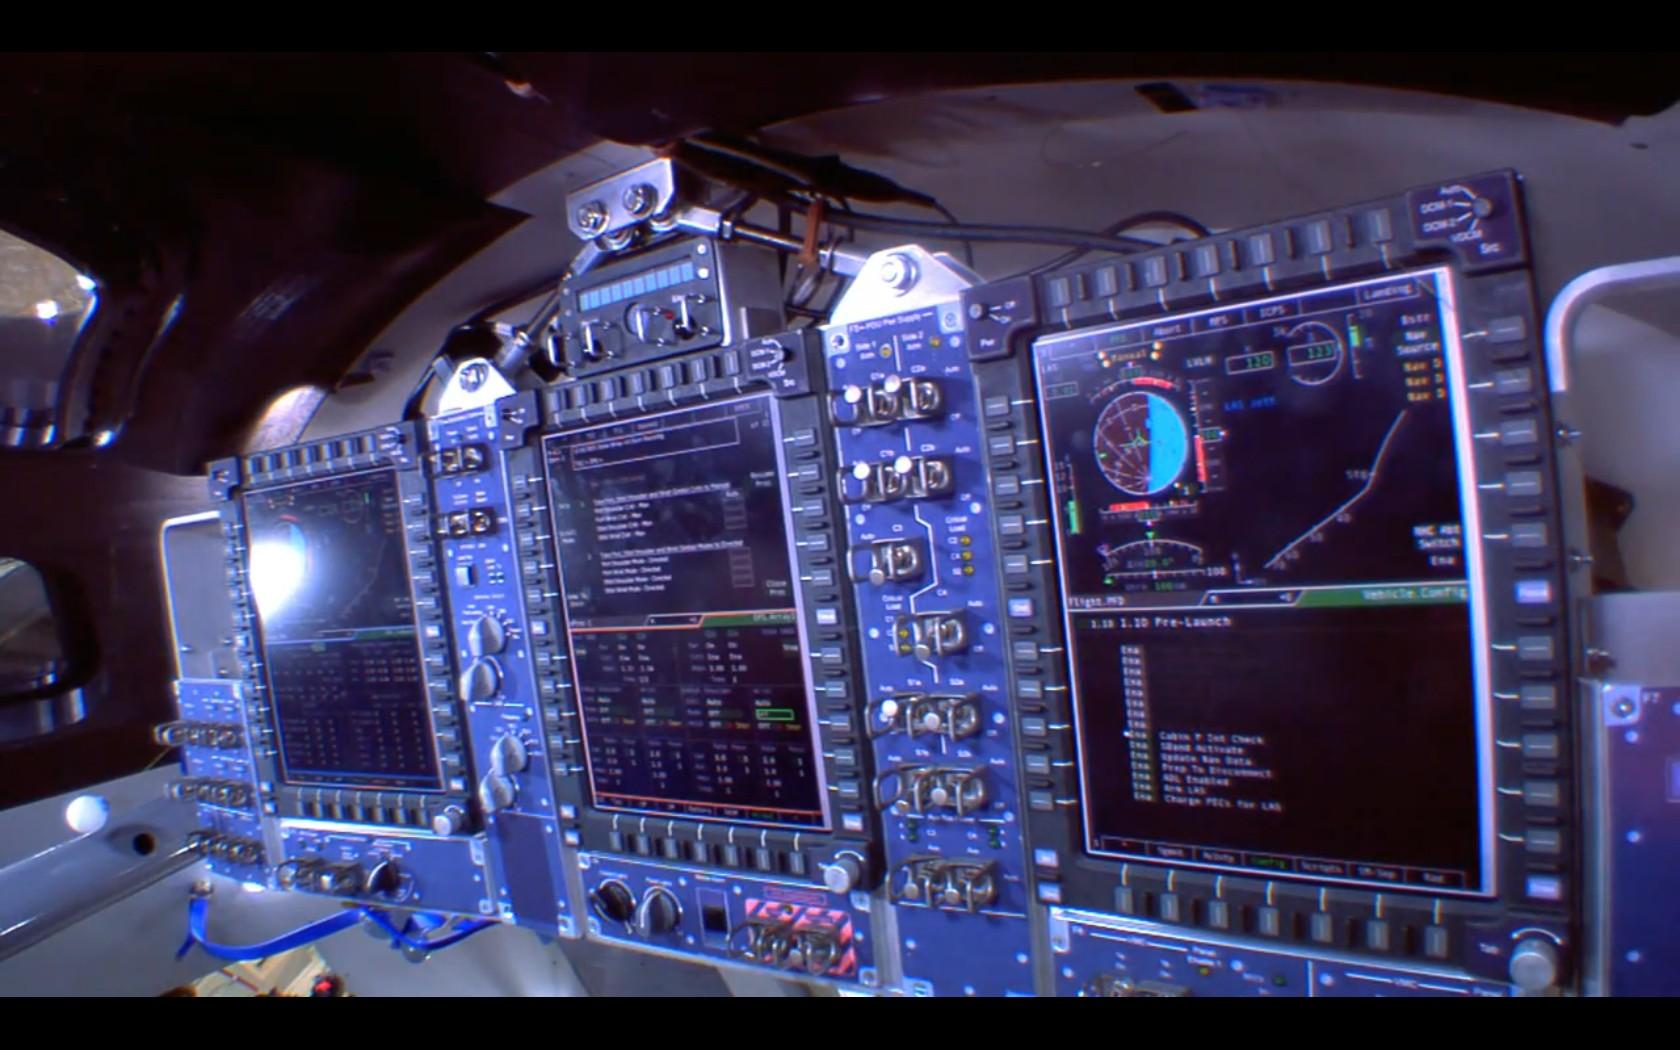 orion spacecraft cockpit - photo #1